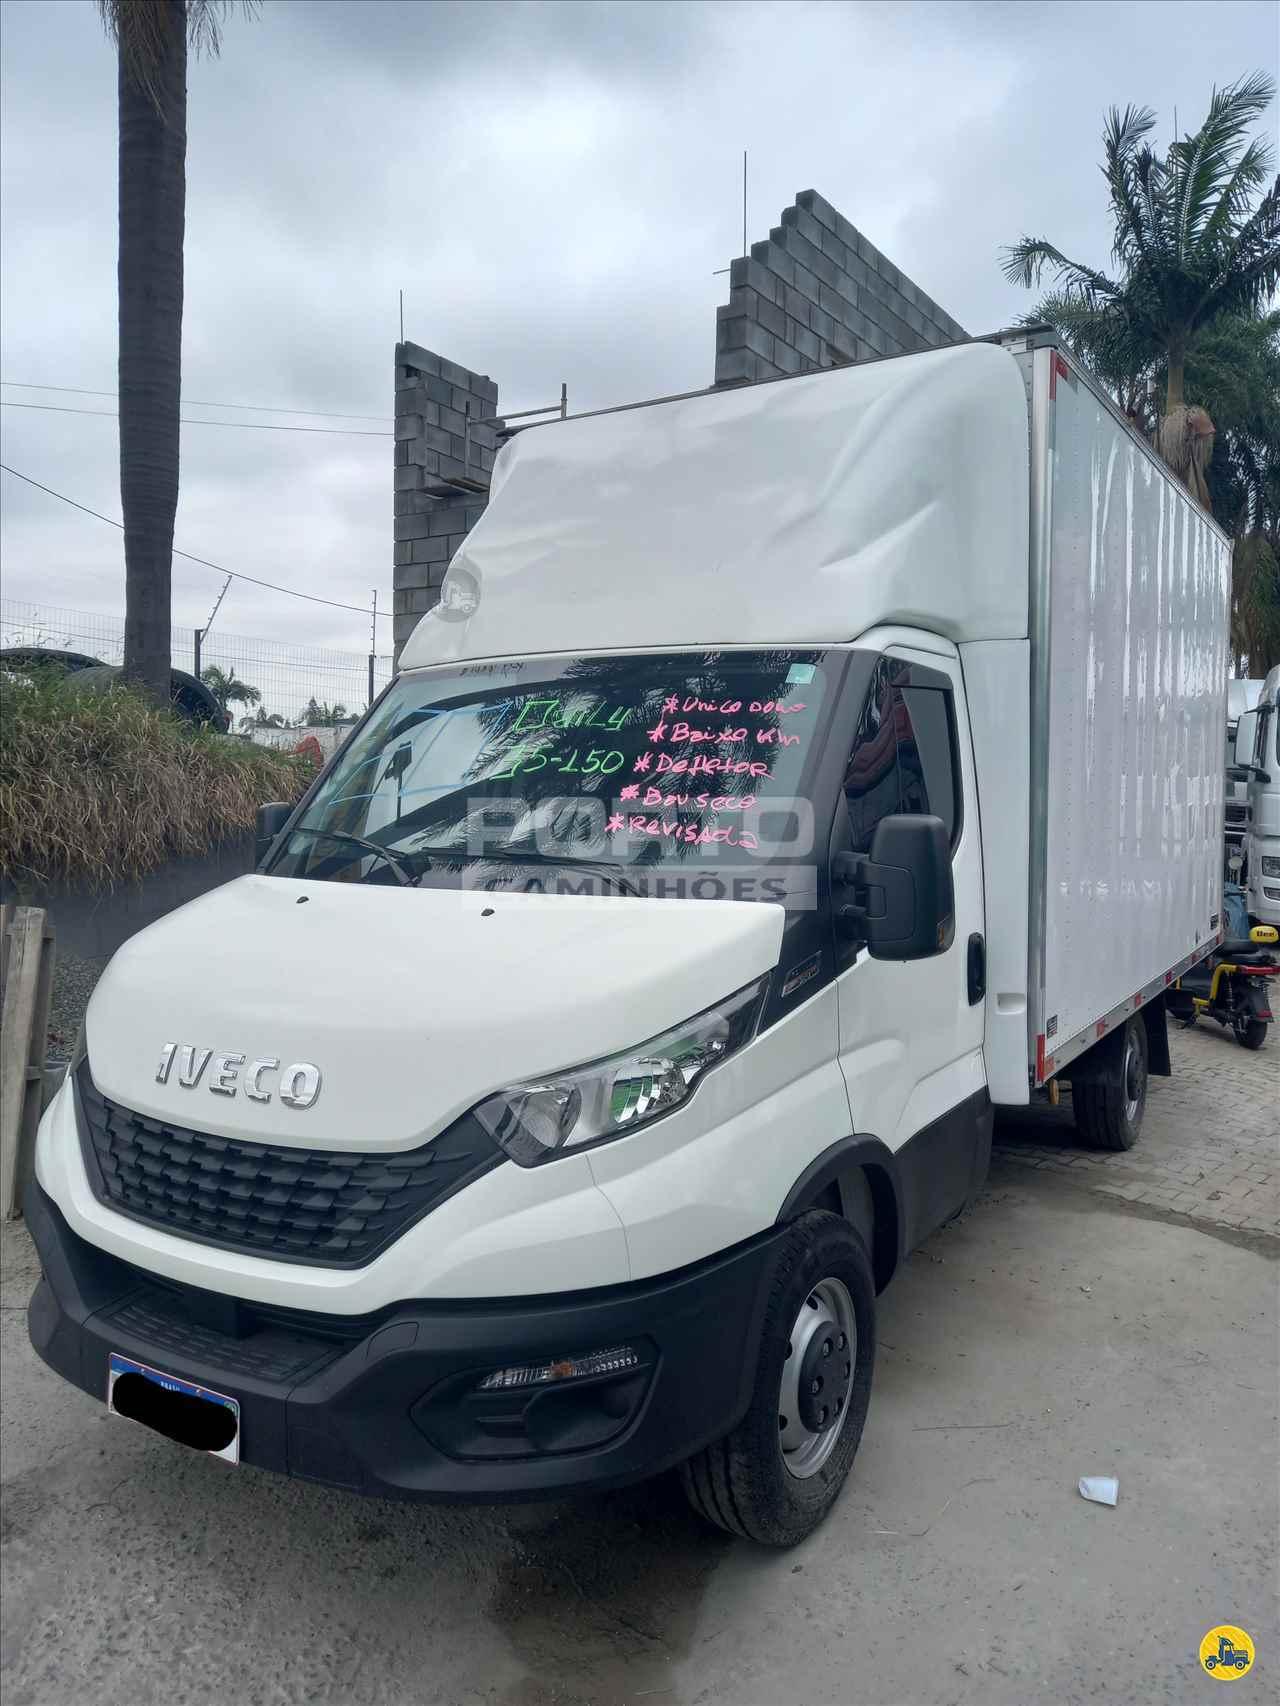 Daily Van 35S -150 de Porto Caminhões - GUARULHOS/SP